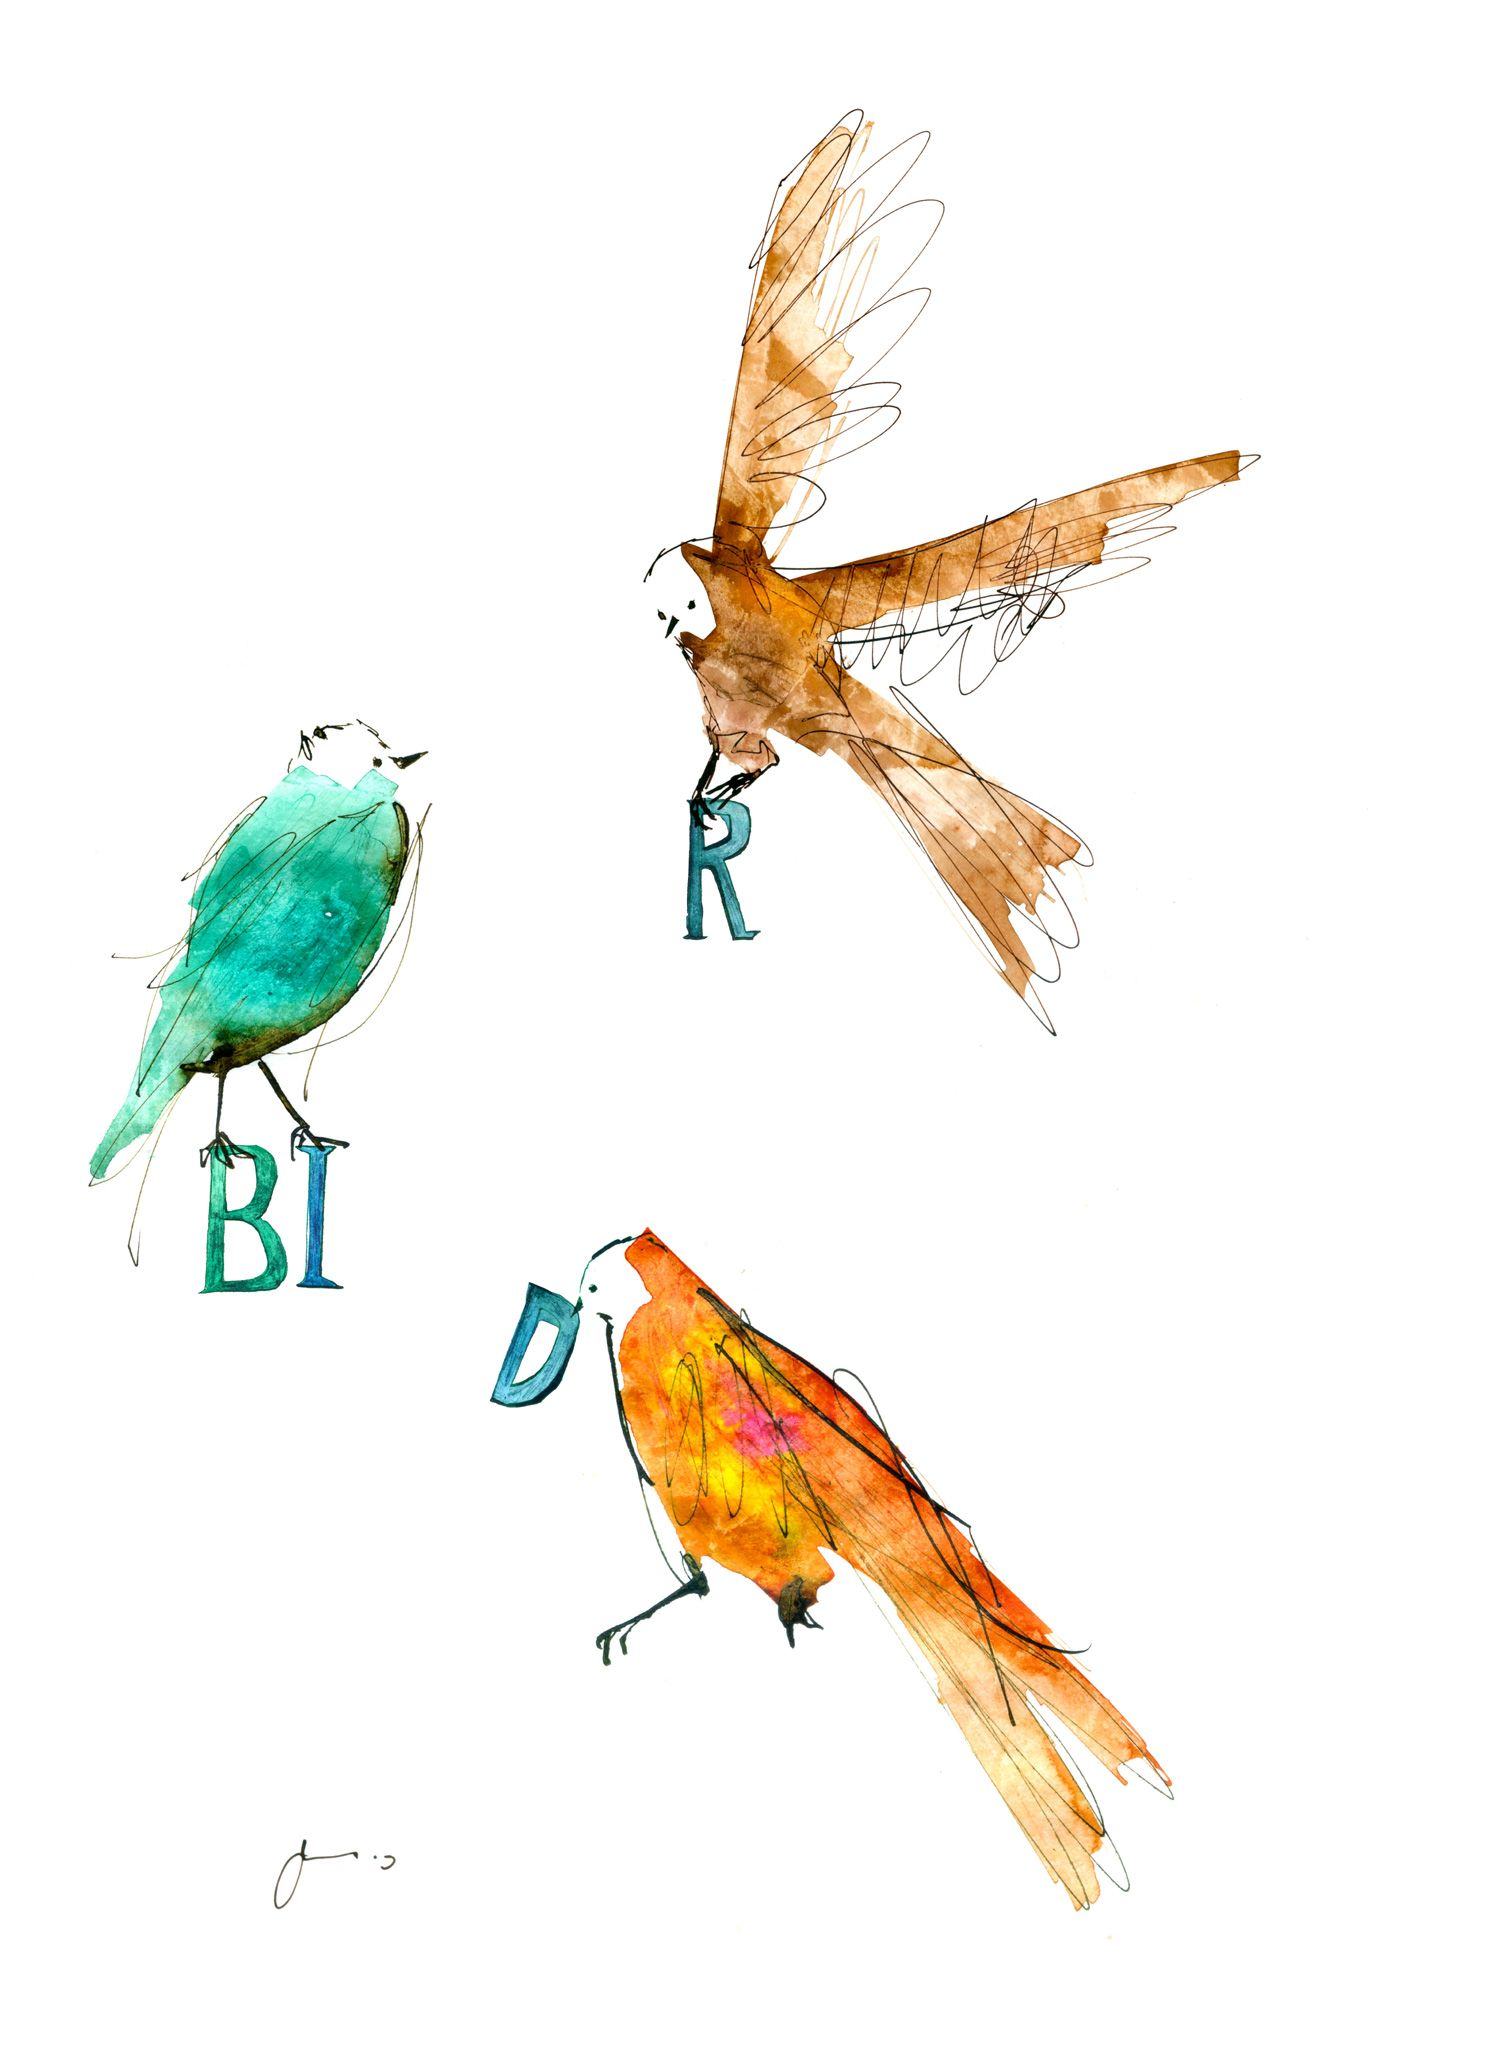 イラスト #鳥 #アート #ドローイング #インク #ペン #シンプル #動物